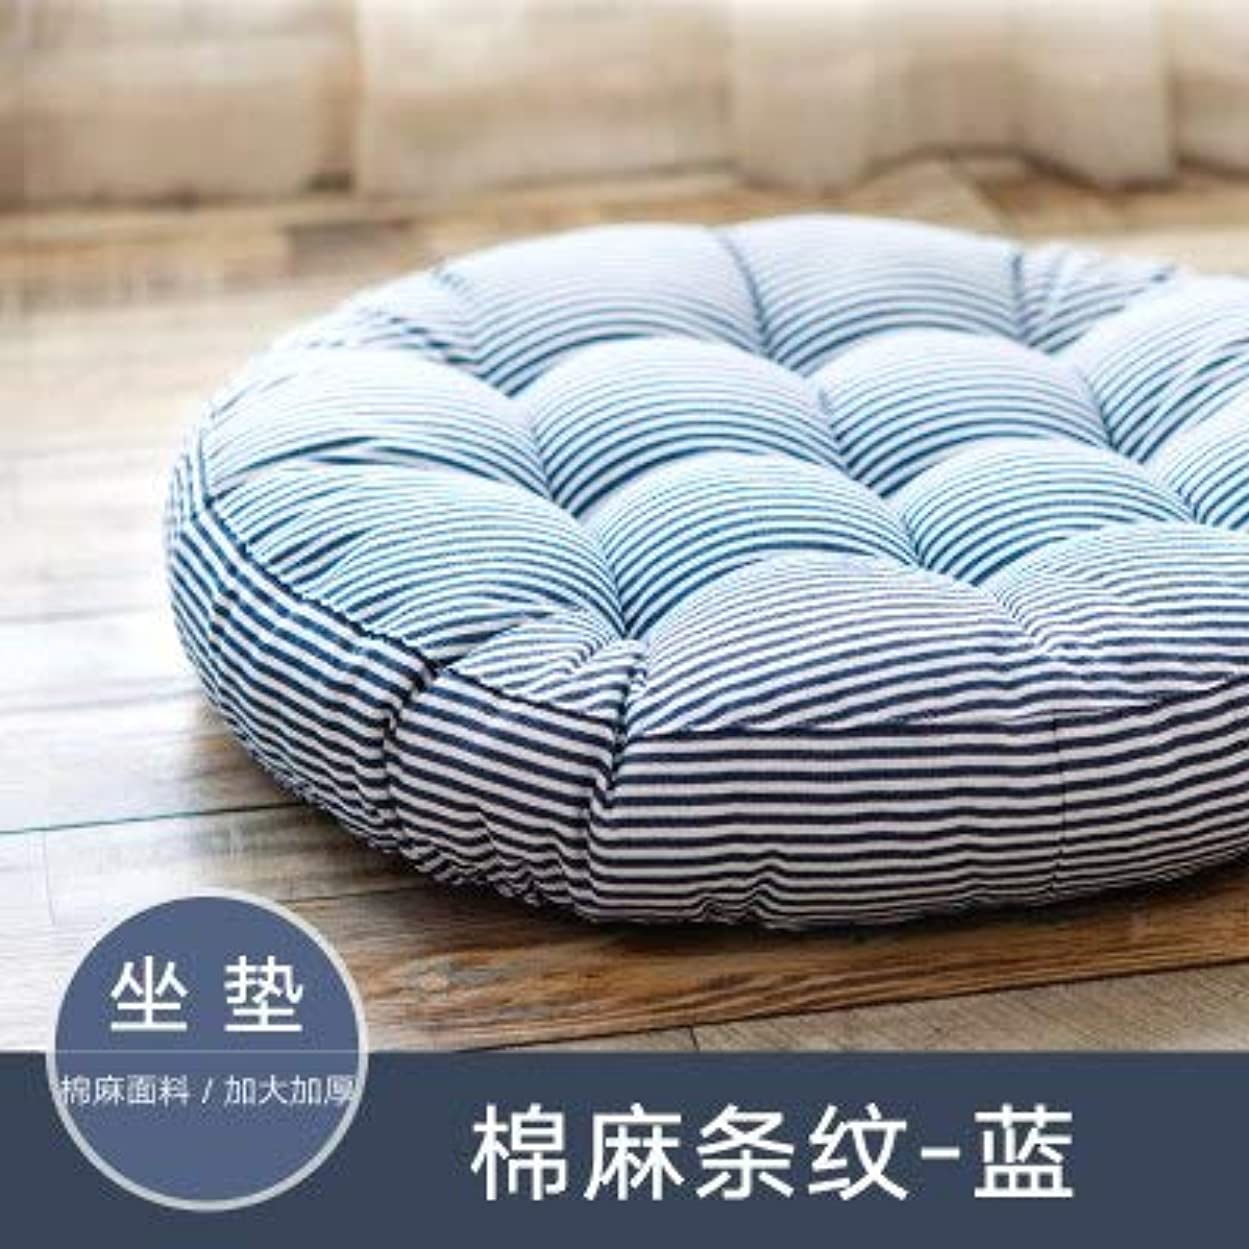 放散する明らかにする寛解LIFE ラウンド厚い椅子のクッションフロアマットレスシートパッドソフトホームオフィスチェアクッションマットソフトスロー枕最高品質の床クッション クッション 椅子